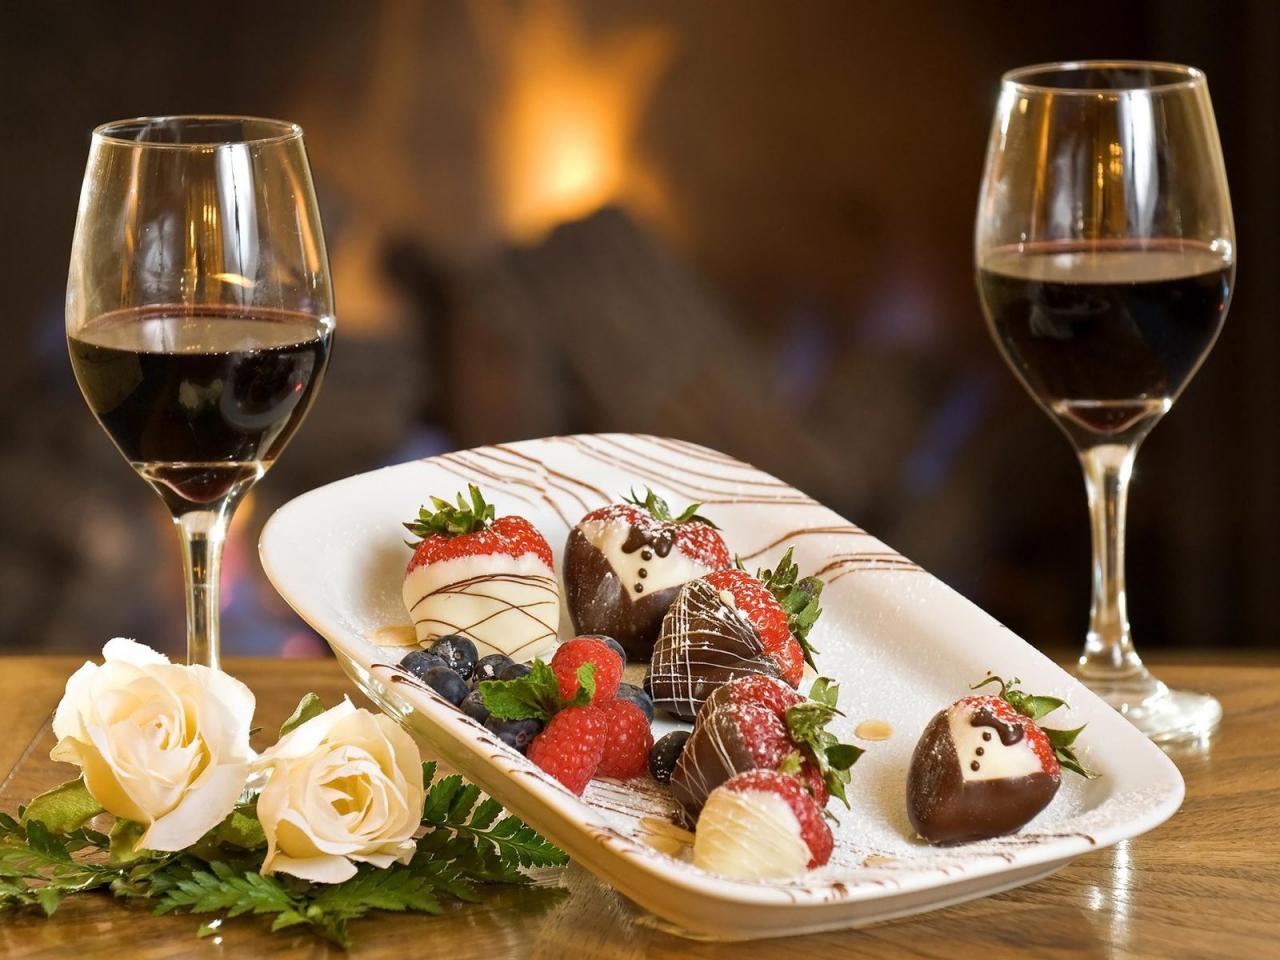 красное сладкое вино и еда, блюдо, скачать фото, обои на рабочий стол